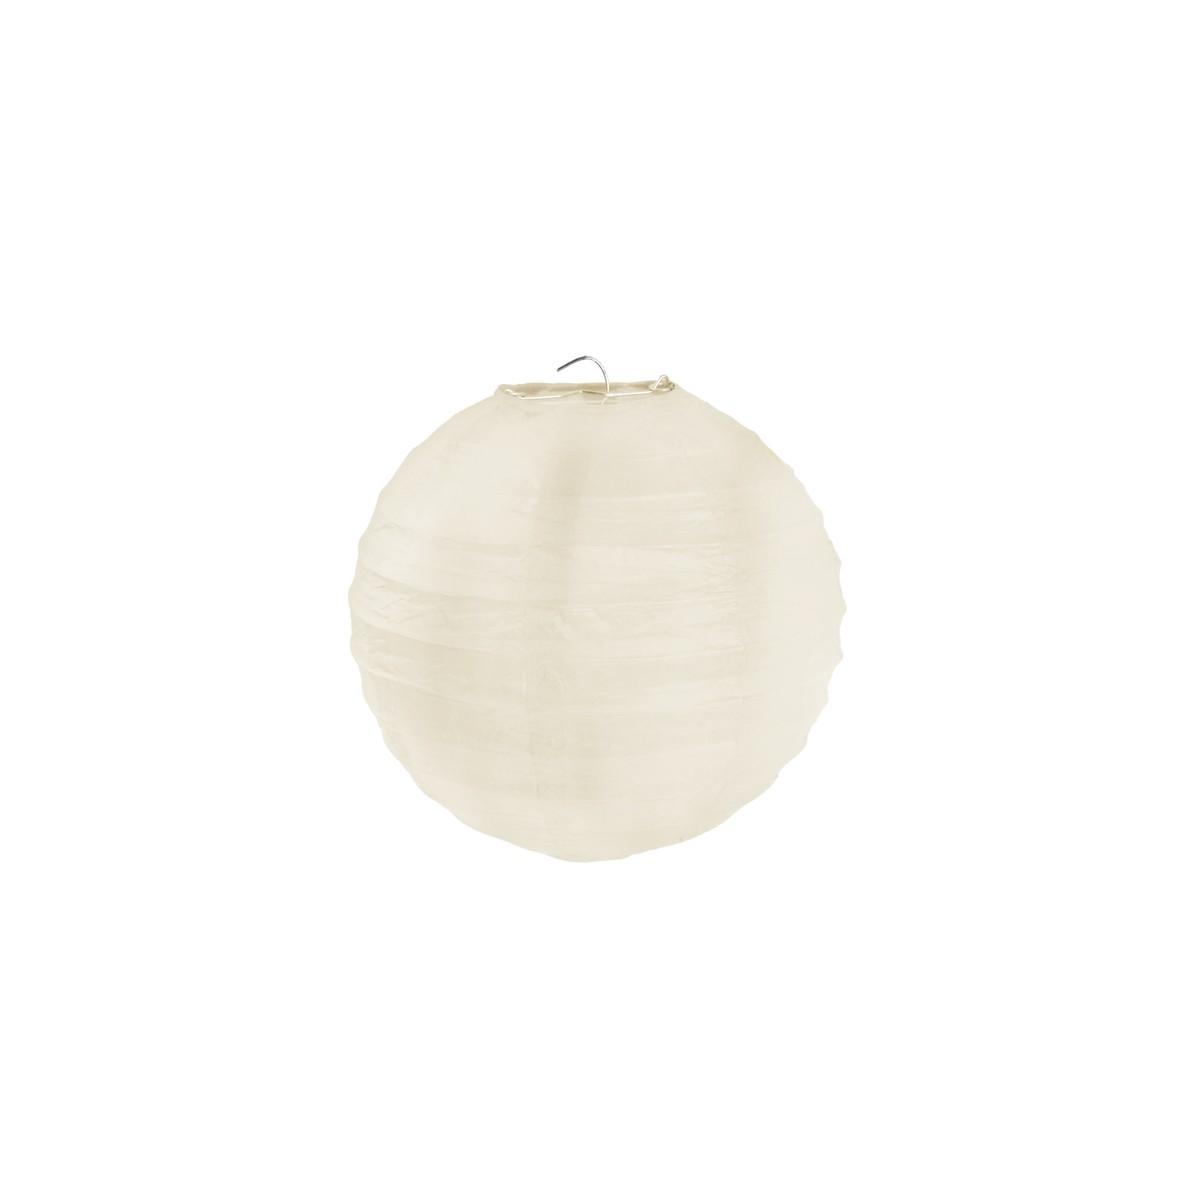 2x Lanterne Papier 20cm - Ivoire